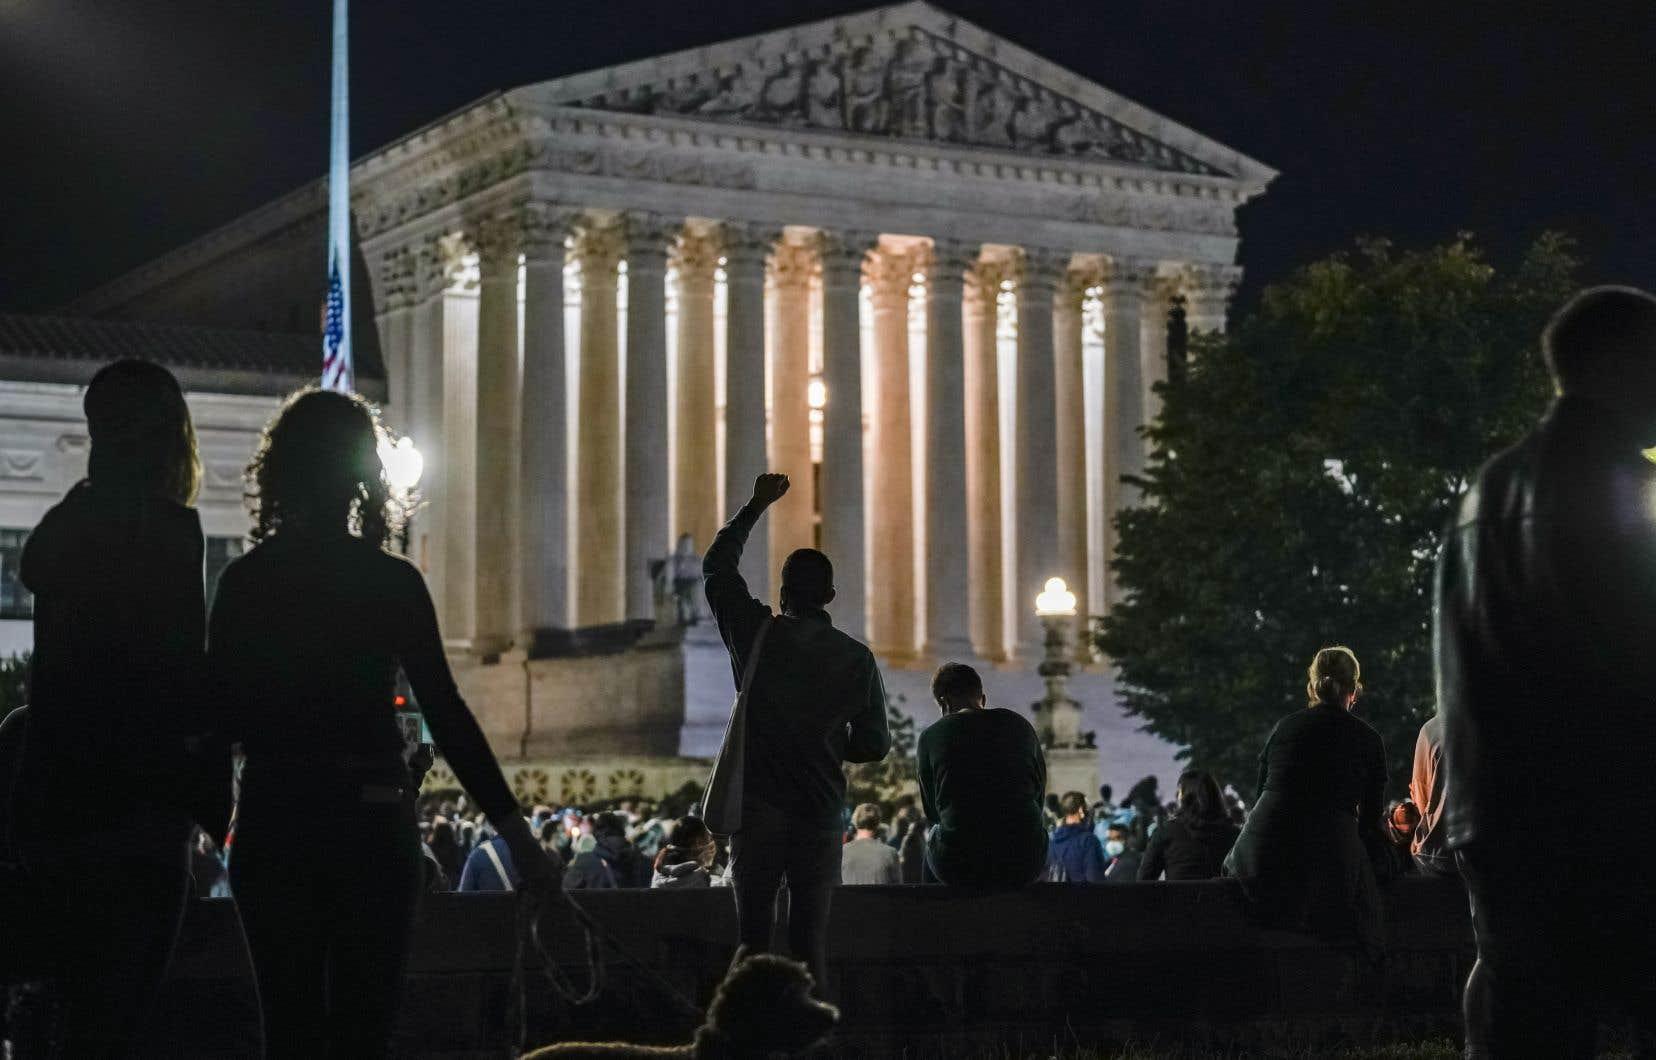 Quelques  centaines de personnes se sont spontanément rassemblées vendredi devant les  colonnes de la Cour suprême,  à Washington, pour une émouvante veillée en l'honneur de  la juge Ruth  Bader Ginsburg.